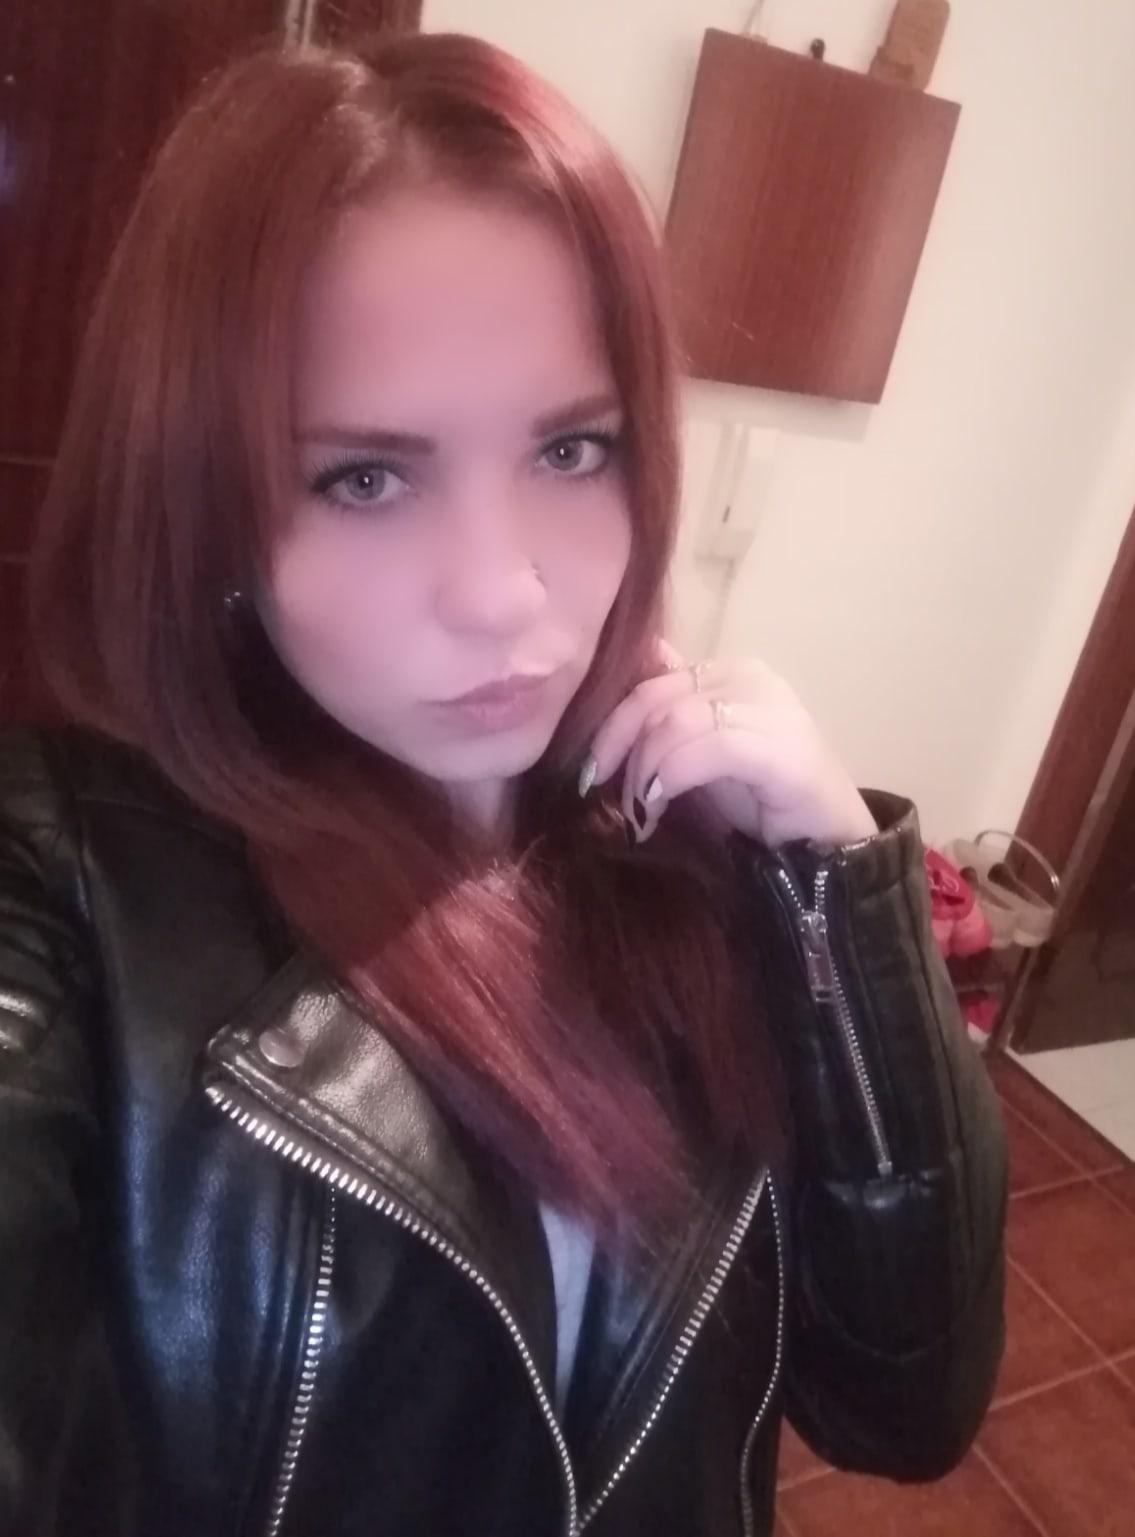 Aleksandra, 22, Lisbon